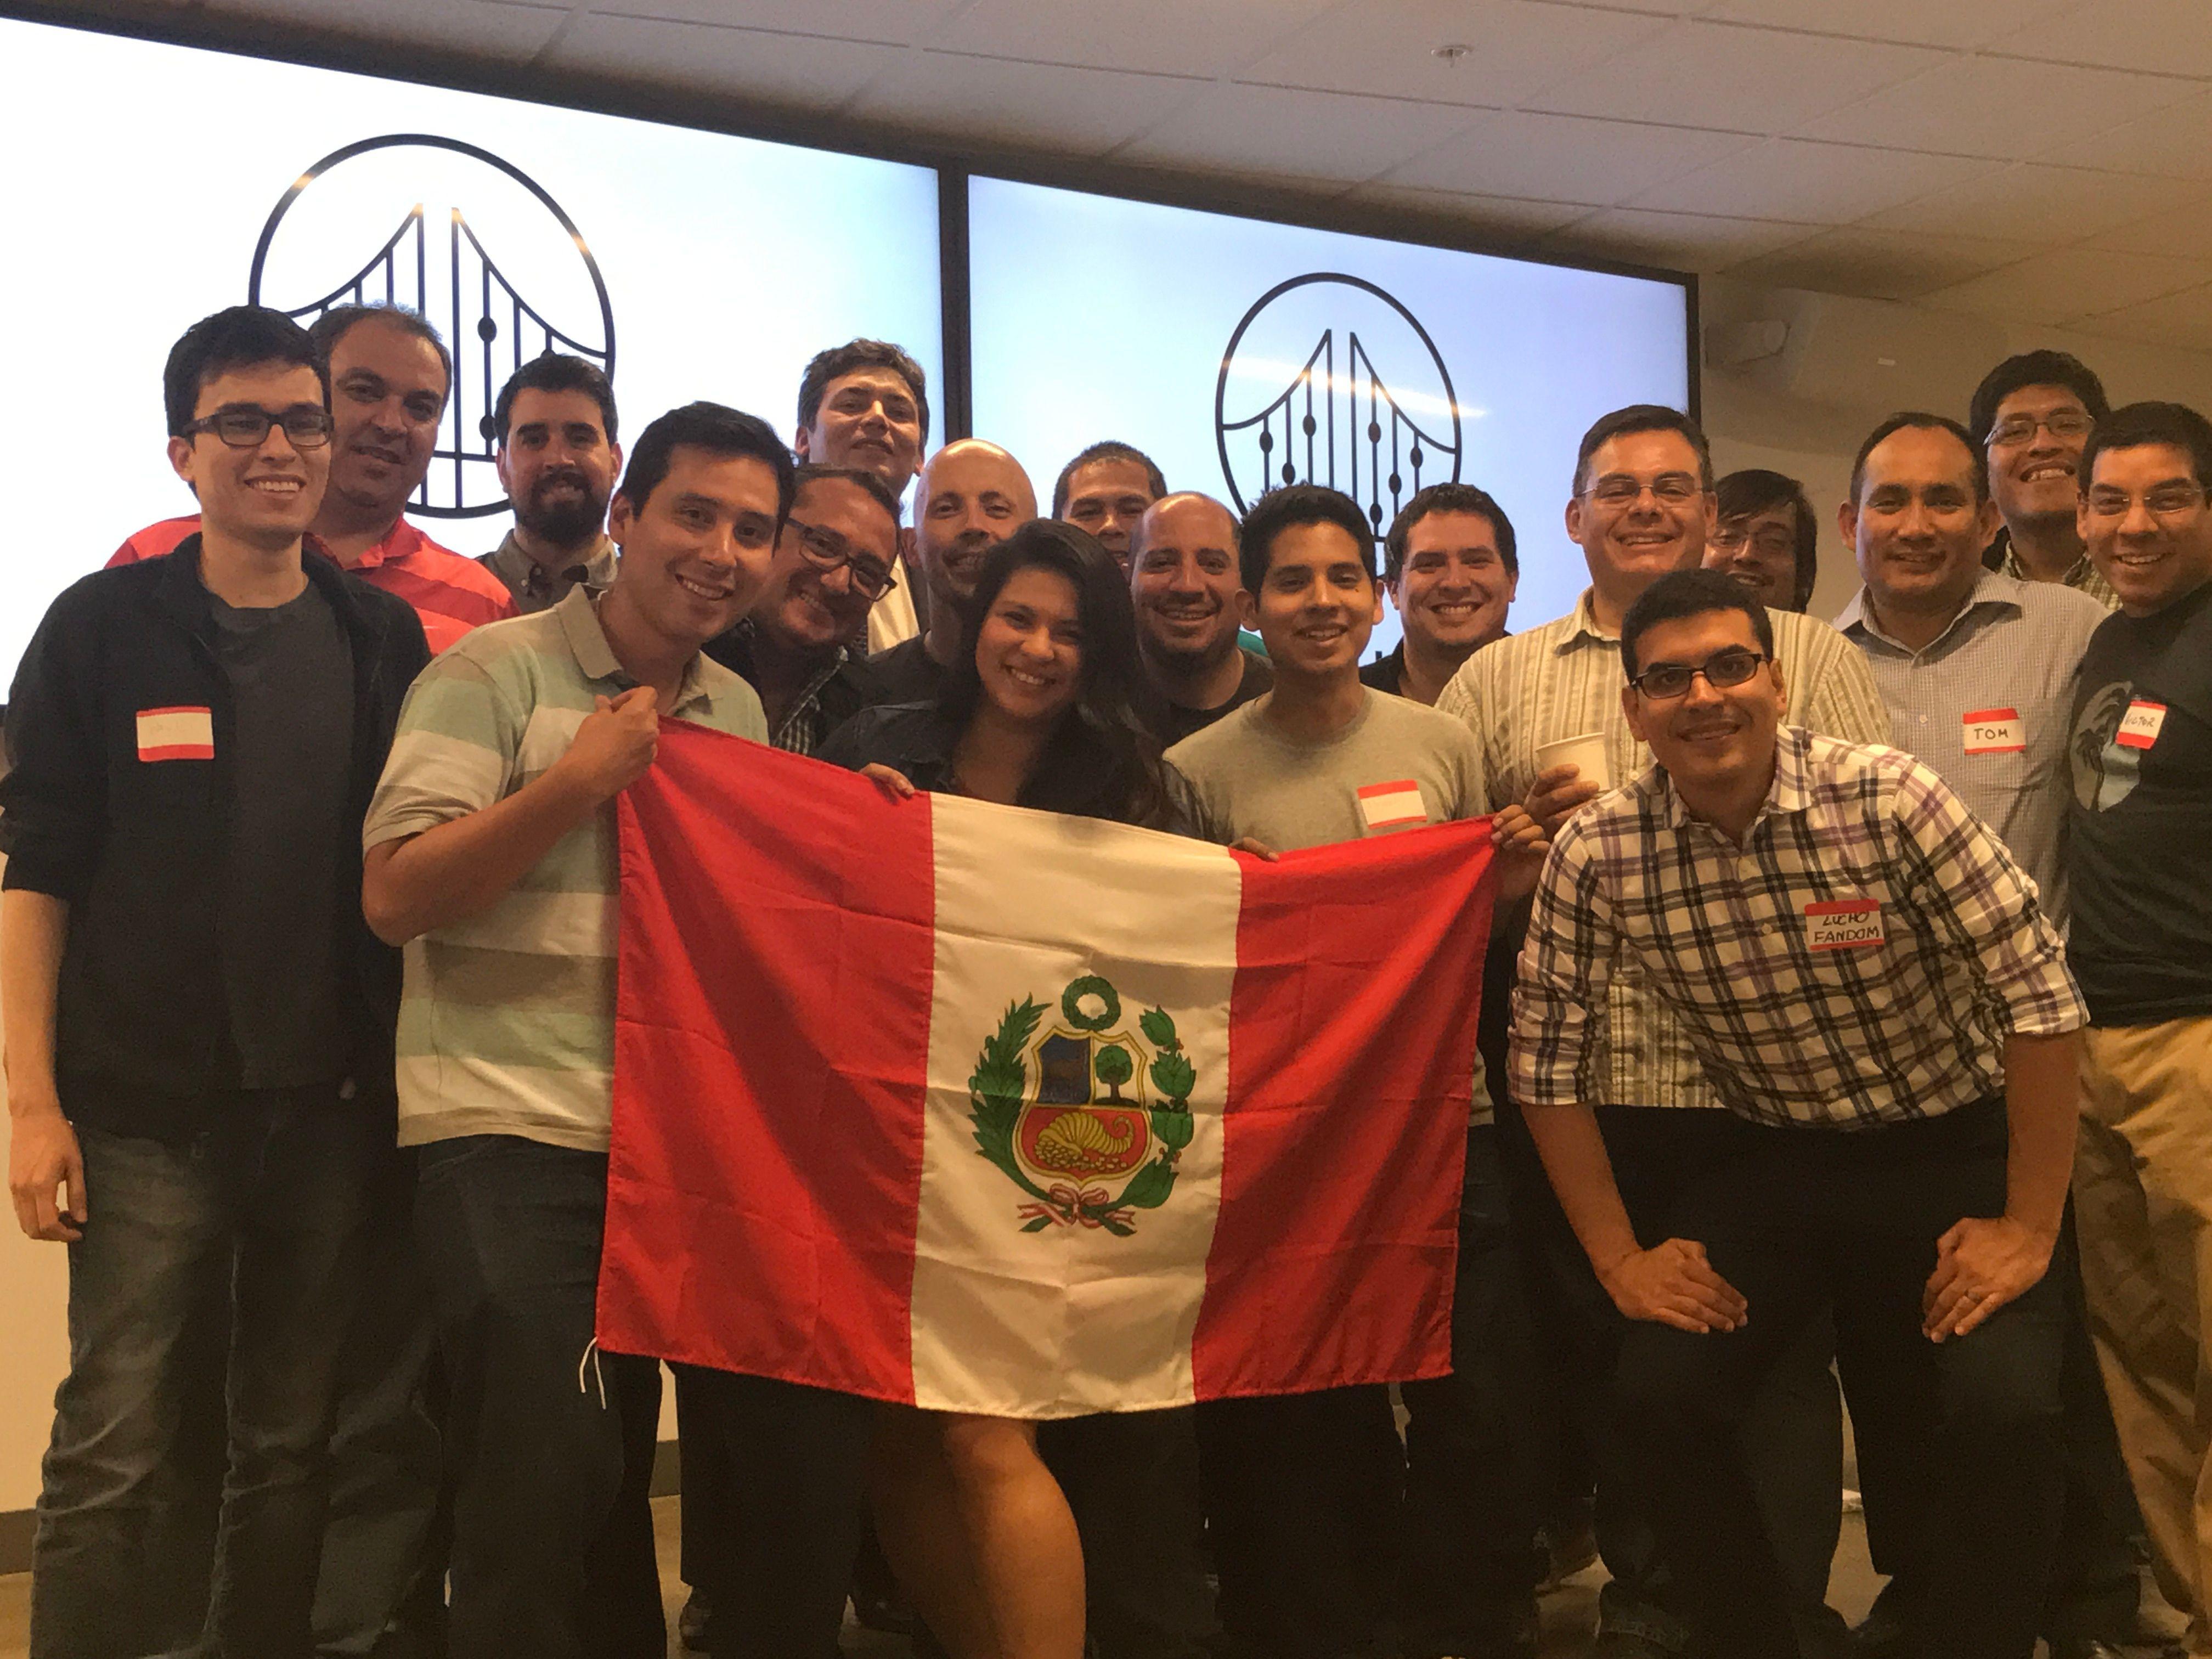 PeruSV - Peruvian Tech Professionals in Silicon Valley